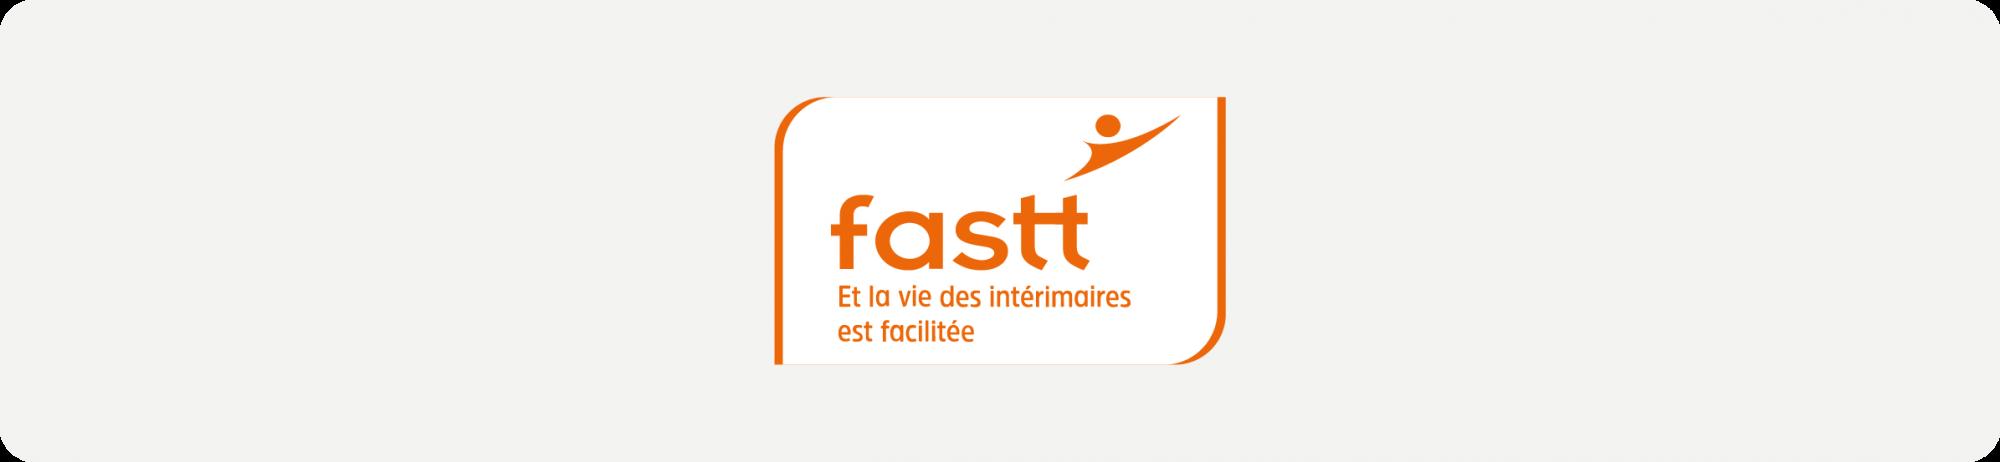 FASTT